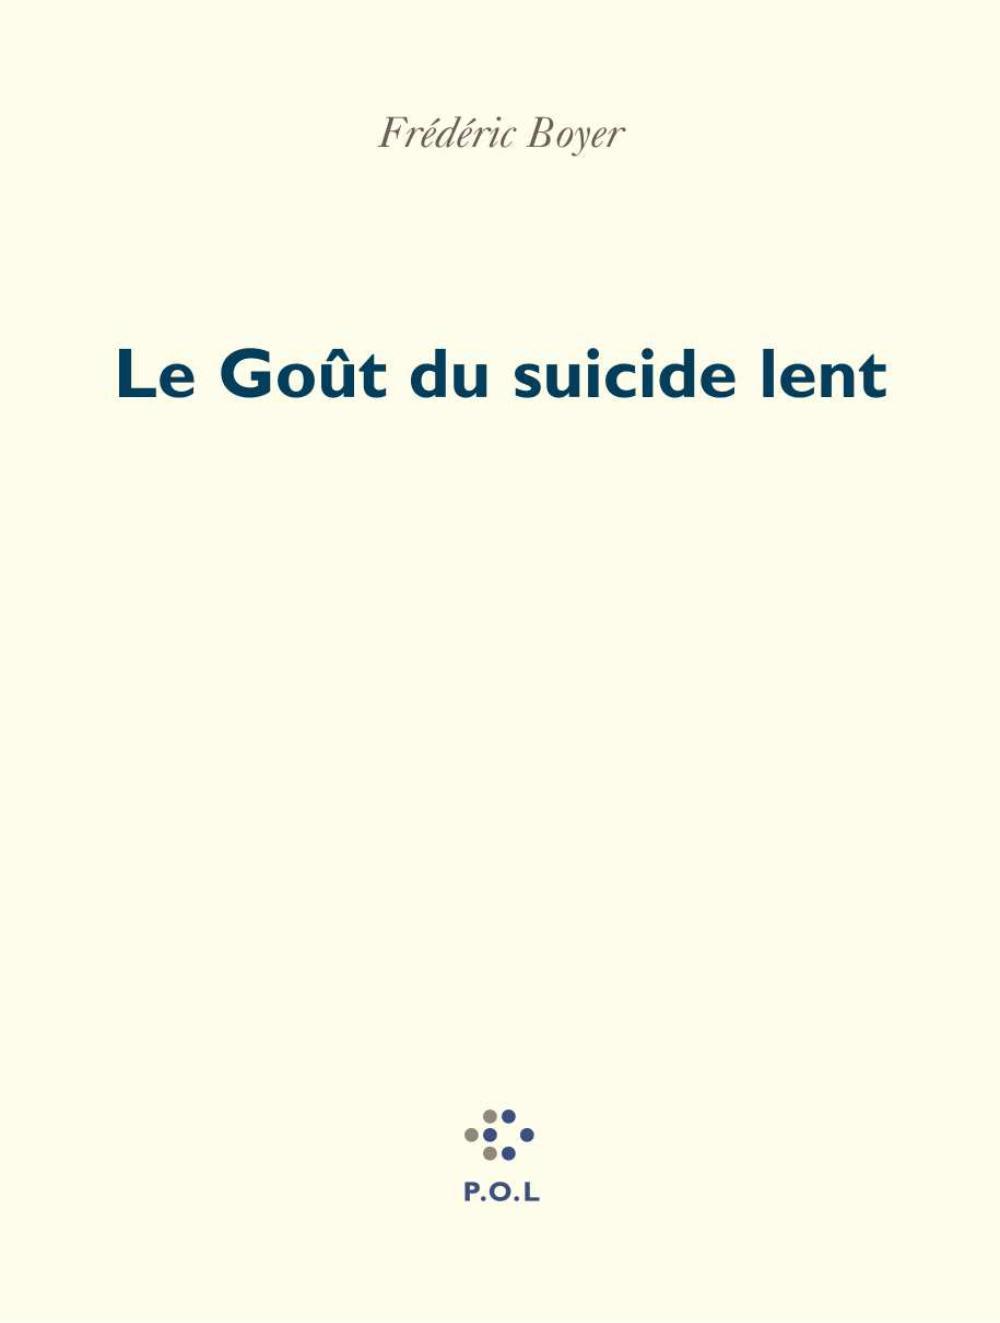 Le Goût du suicide lent